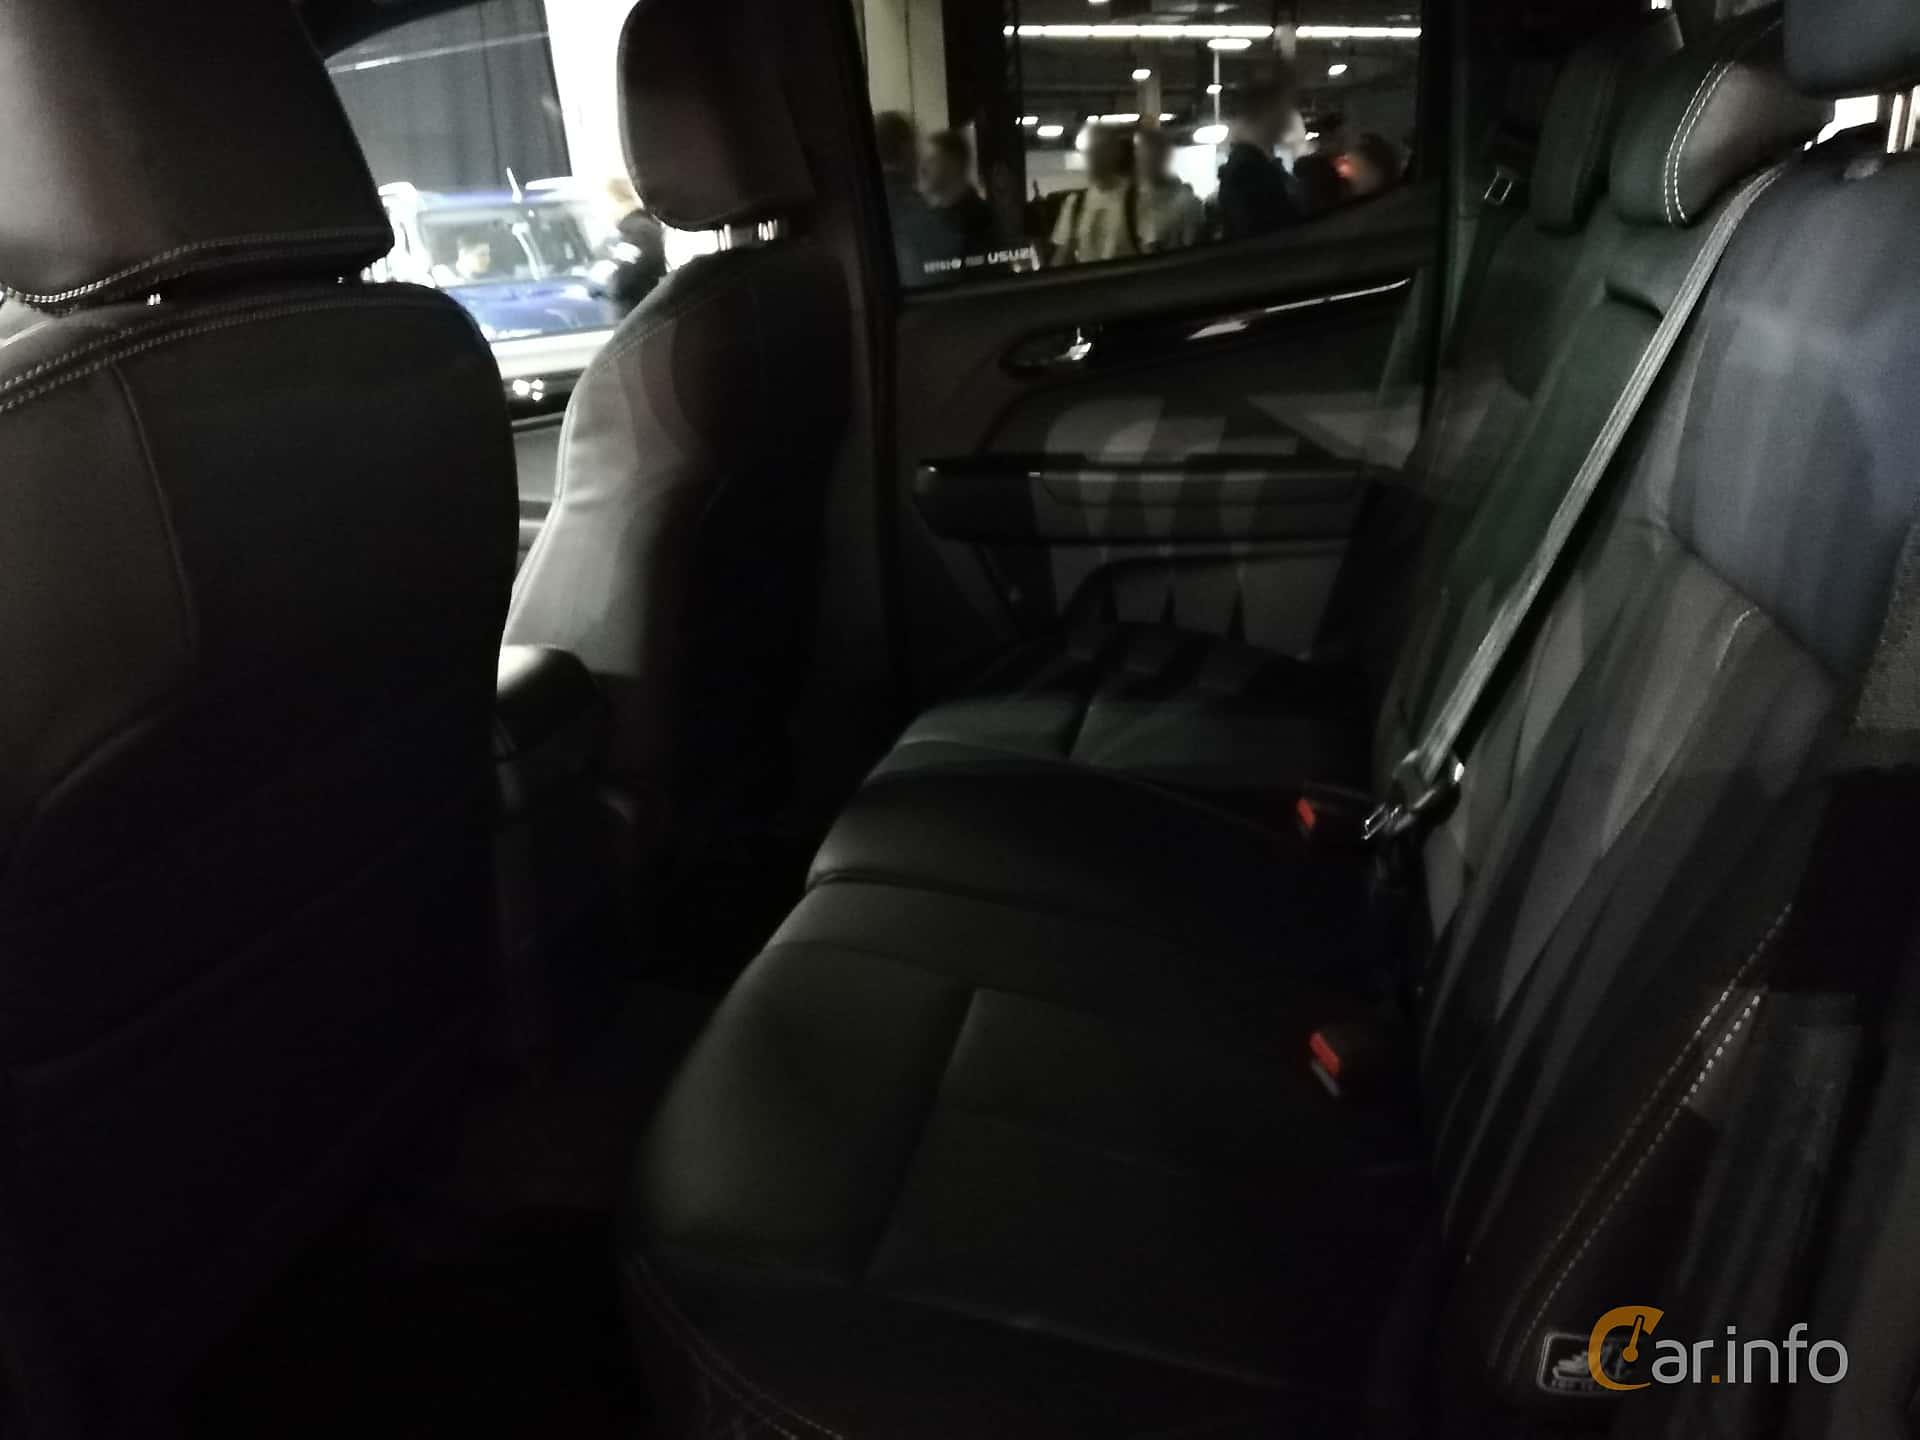 Isuzu D-Max Crew Cab 1.9 4WD Automatisk, 163hk, 2018 at Warsawa Motorshow 2018